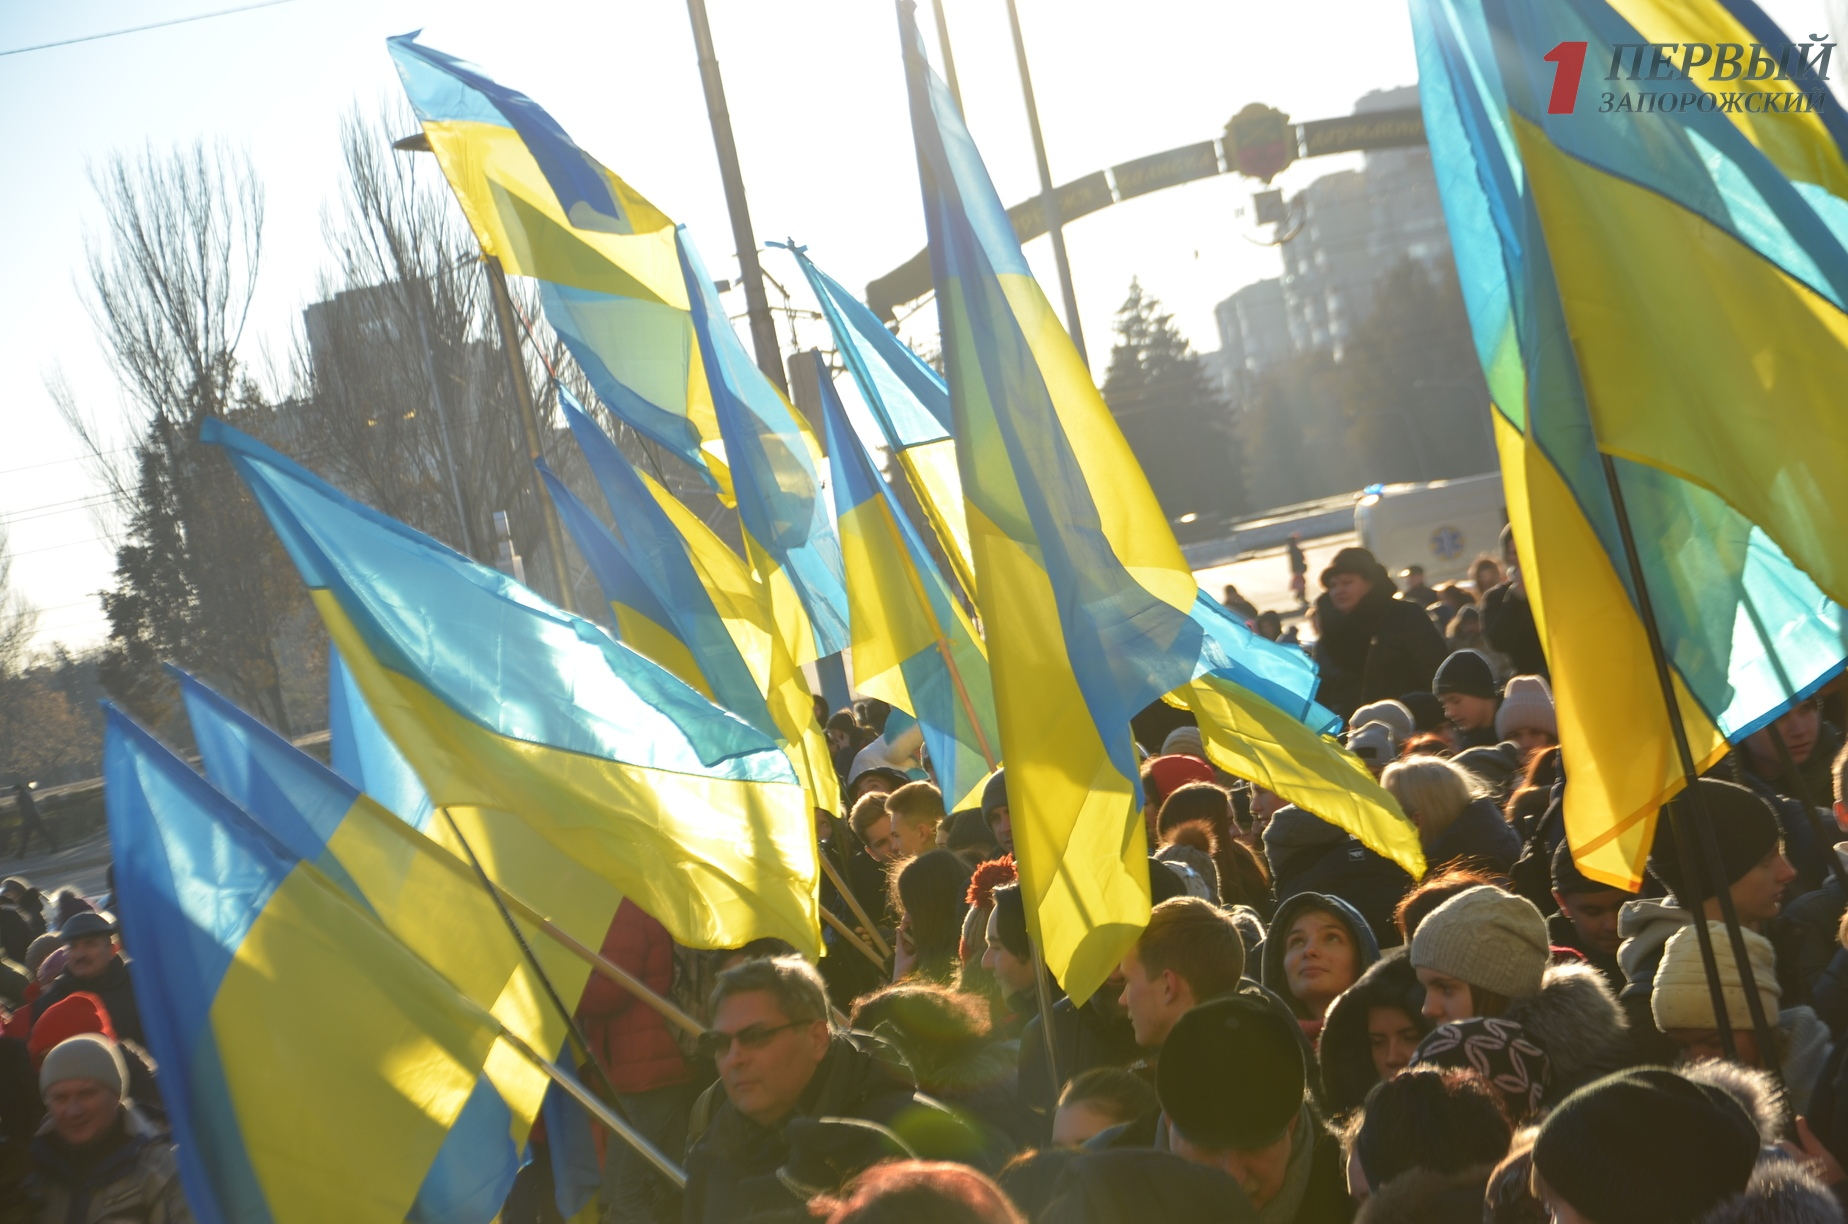 Тысячи запорожцев вышли на площадь в поддержку пленных украинских моряков - ФОТО, ВИДЕО